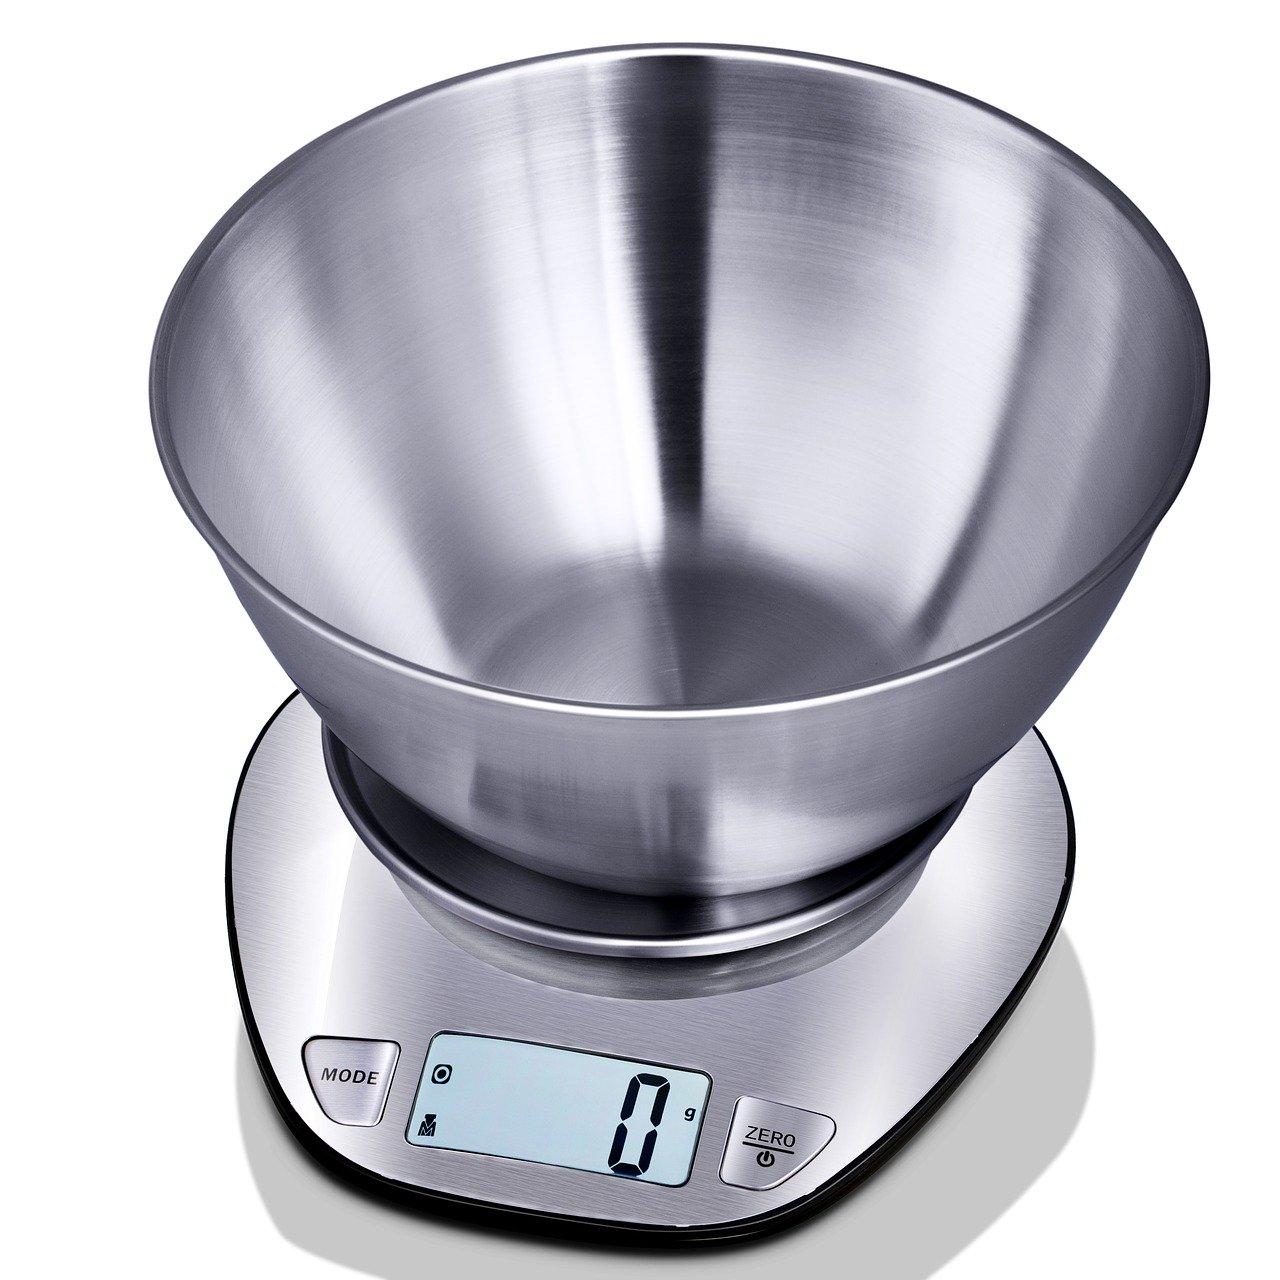 Küchenwaagen bestehen aus vielen unterschiedlichen Materialien wie Kunststoff, Metall und Glas.